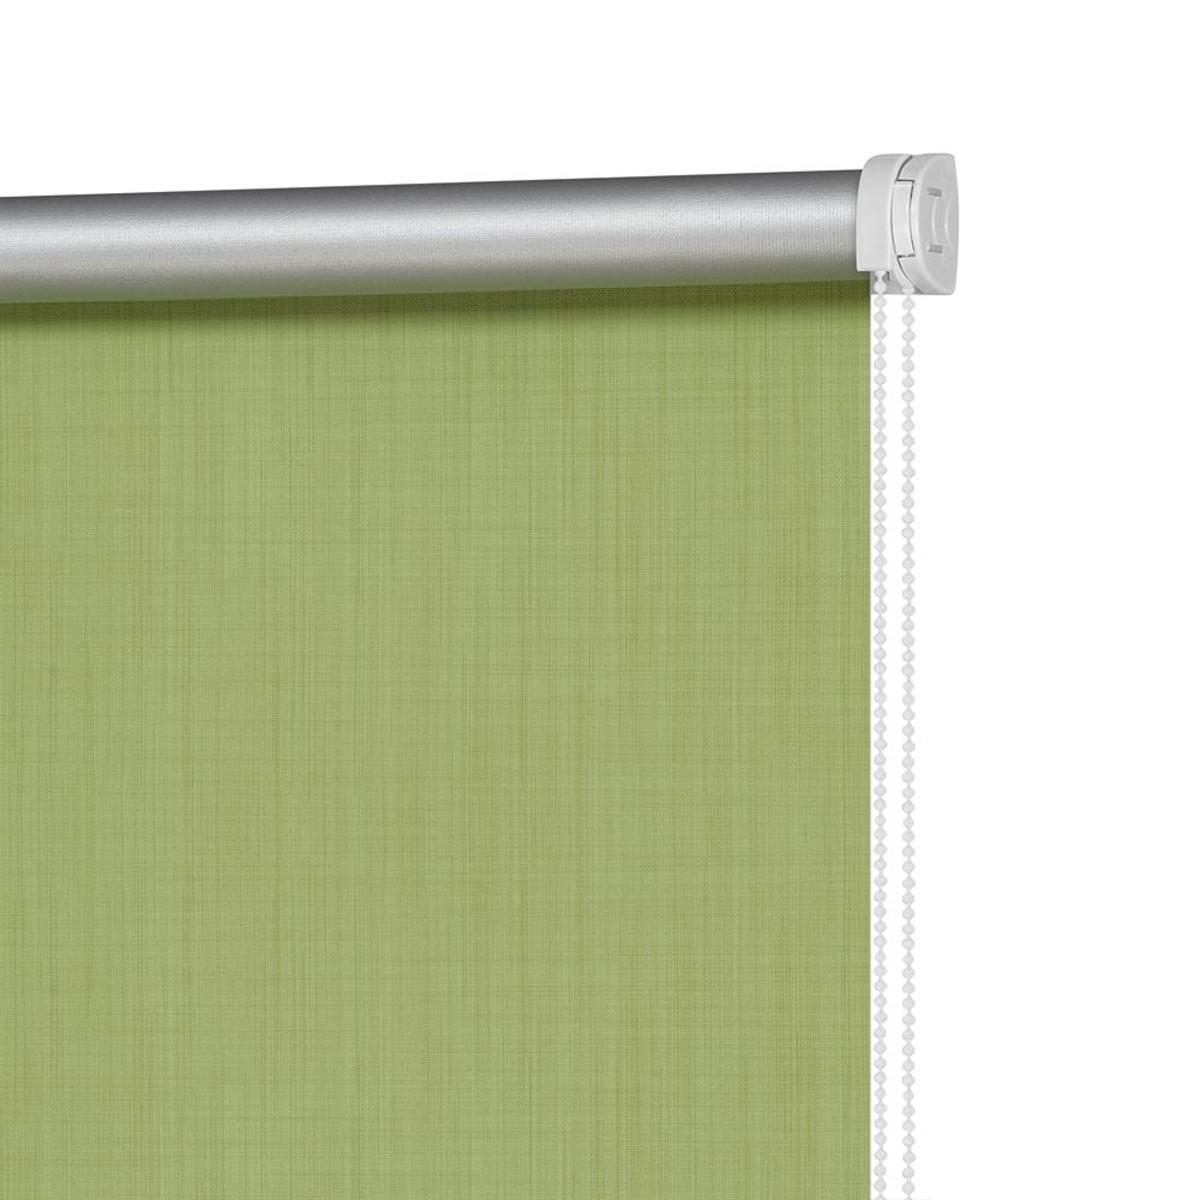 Рулонная Ора Decofest Блэкаут Селия 120Х160 Цвет Зеленый